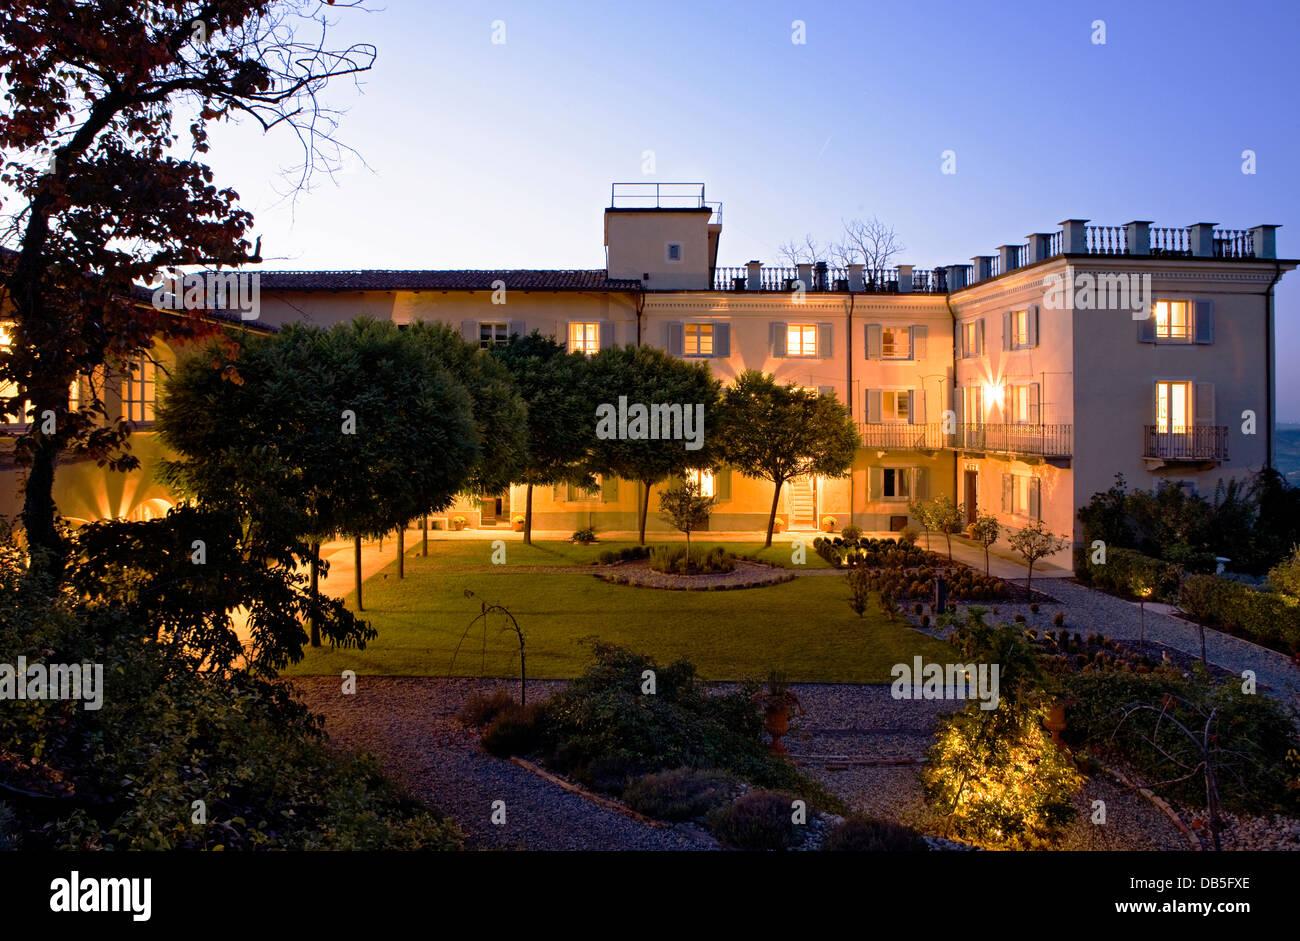 Italy, Piedmont, Mombaruzzo, La Villa Hotel, a nocturnal view of the ...